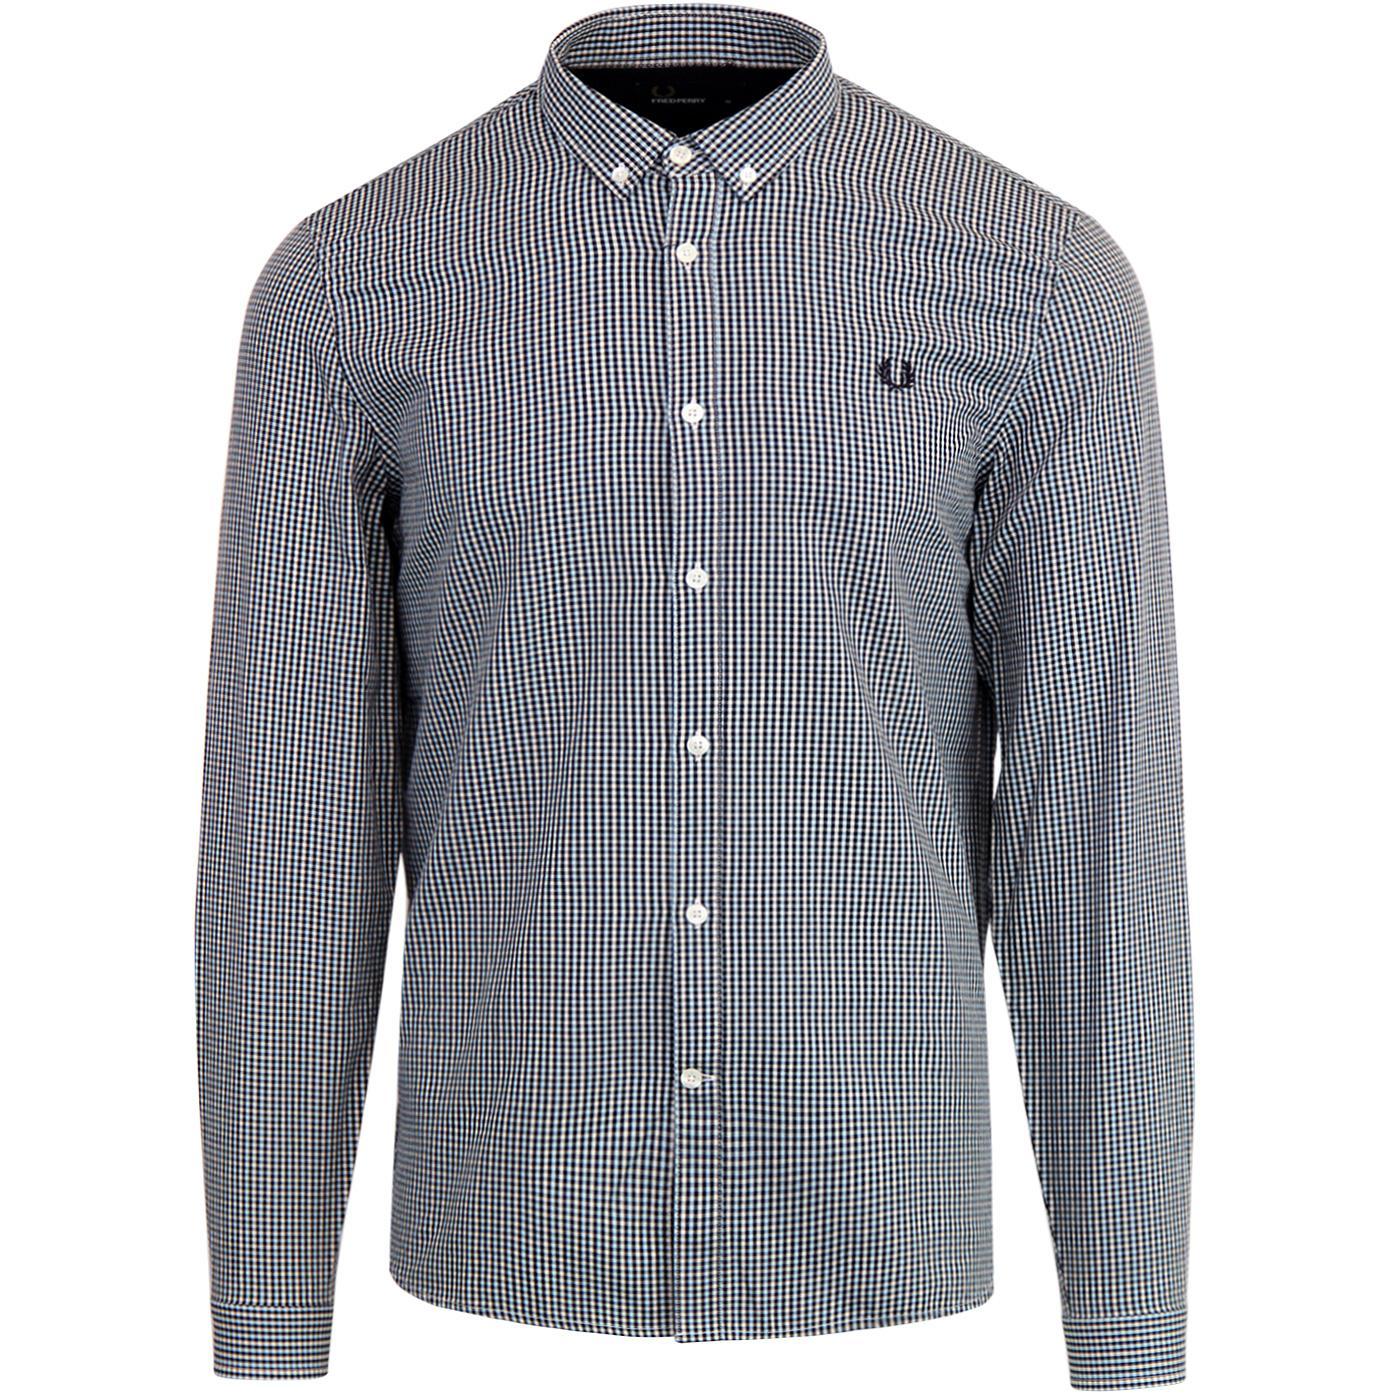 FRED PERRY Retro Mod Basketweave Check Shirt (IB)